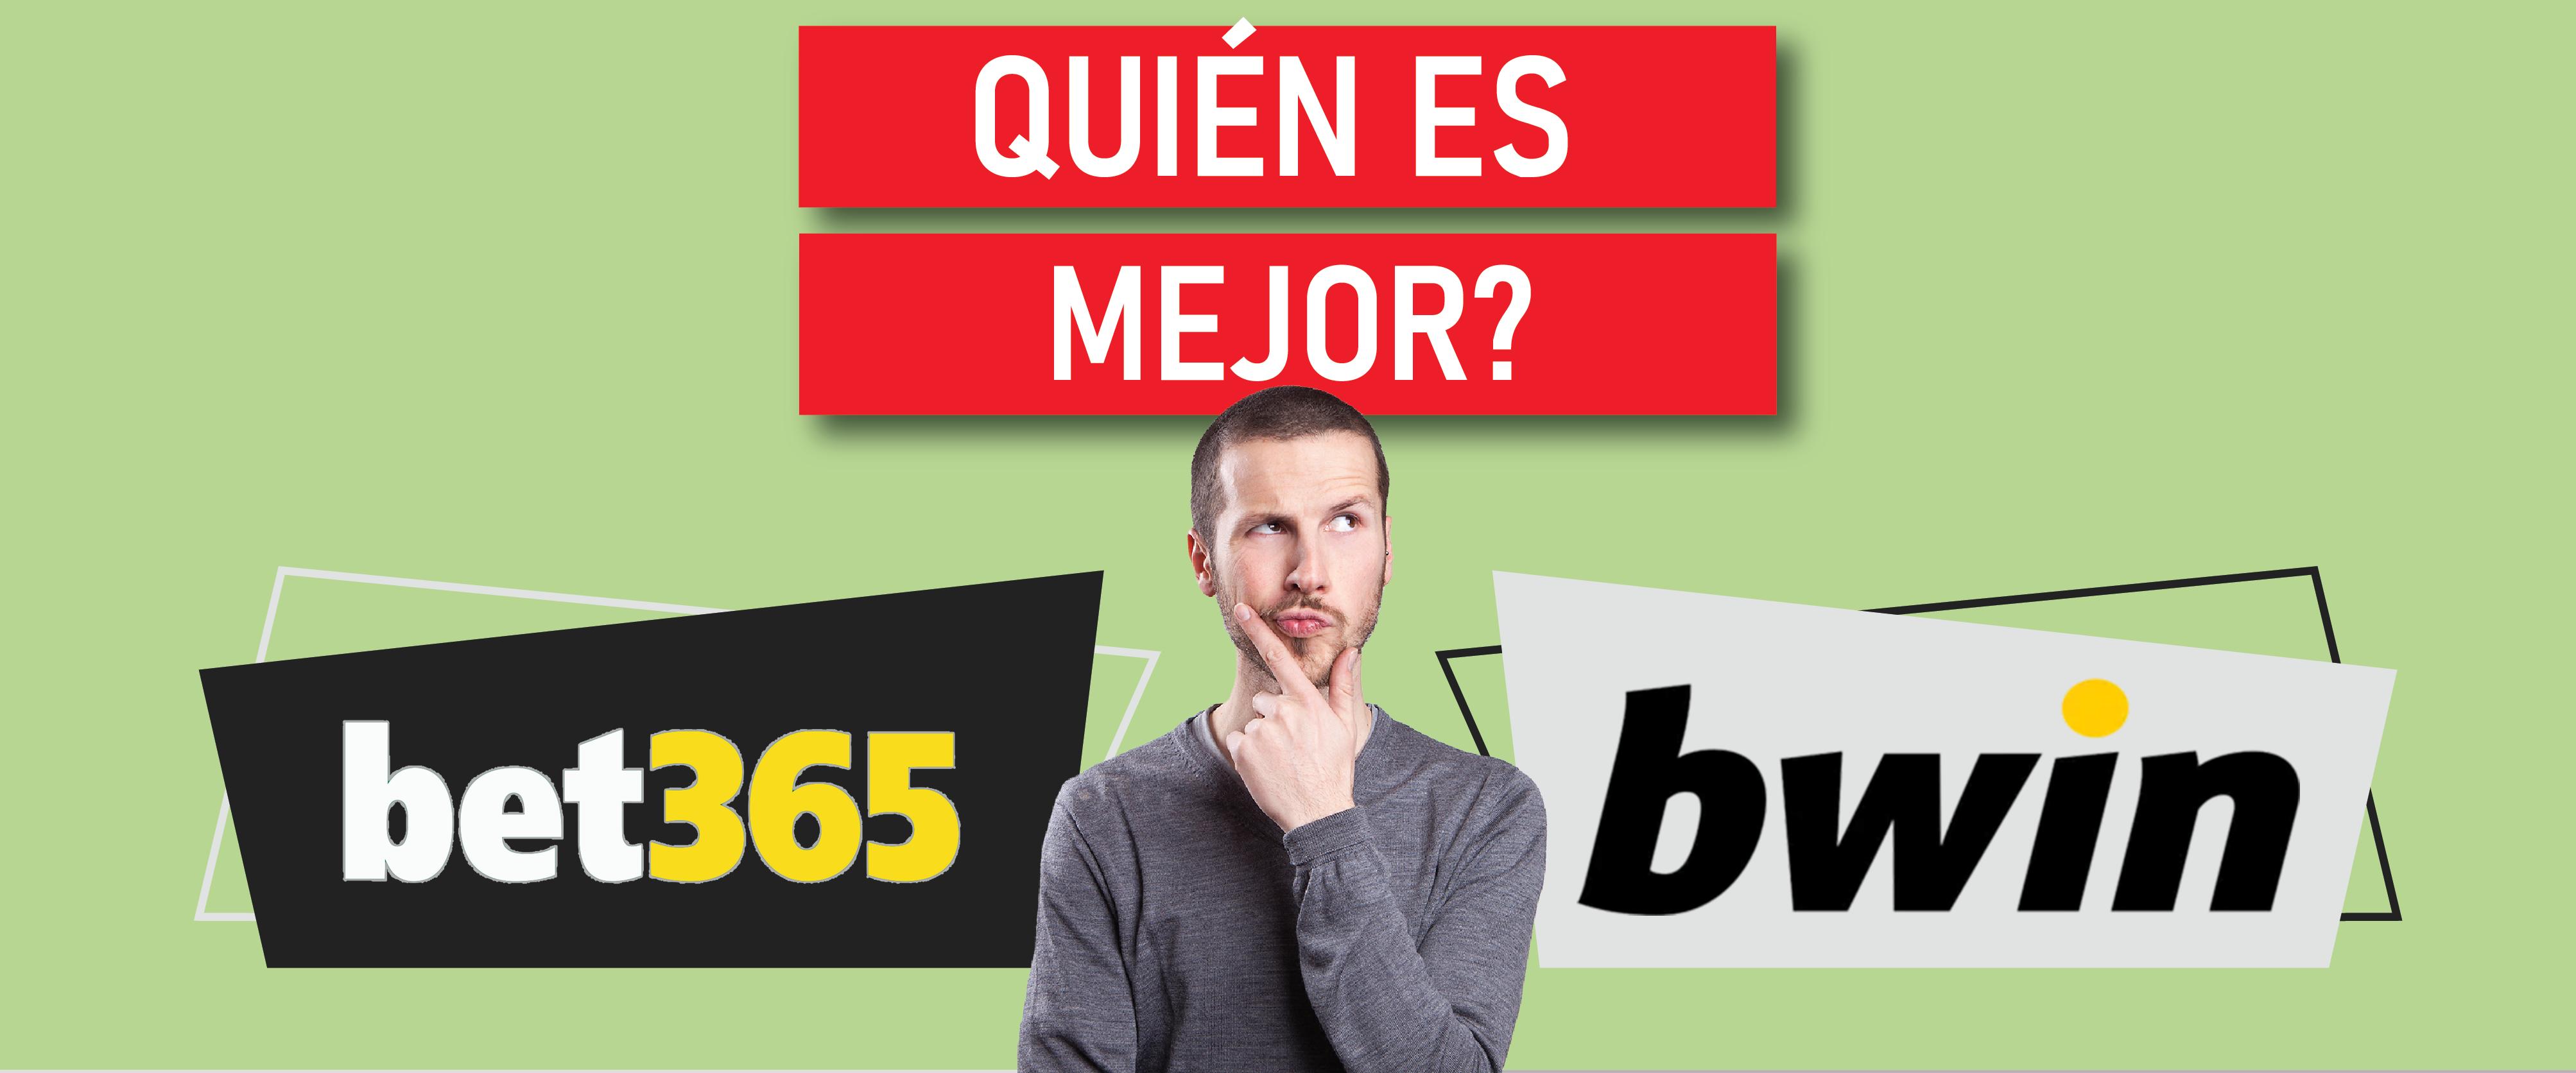 bet365 y bwin